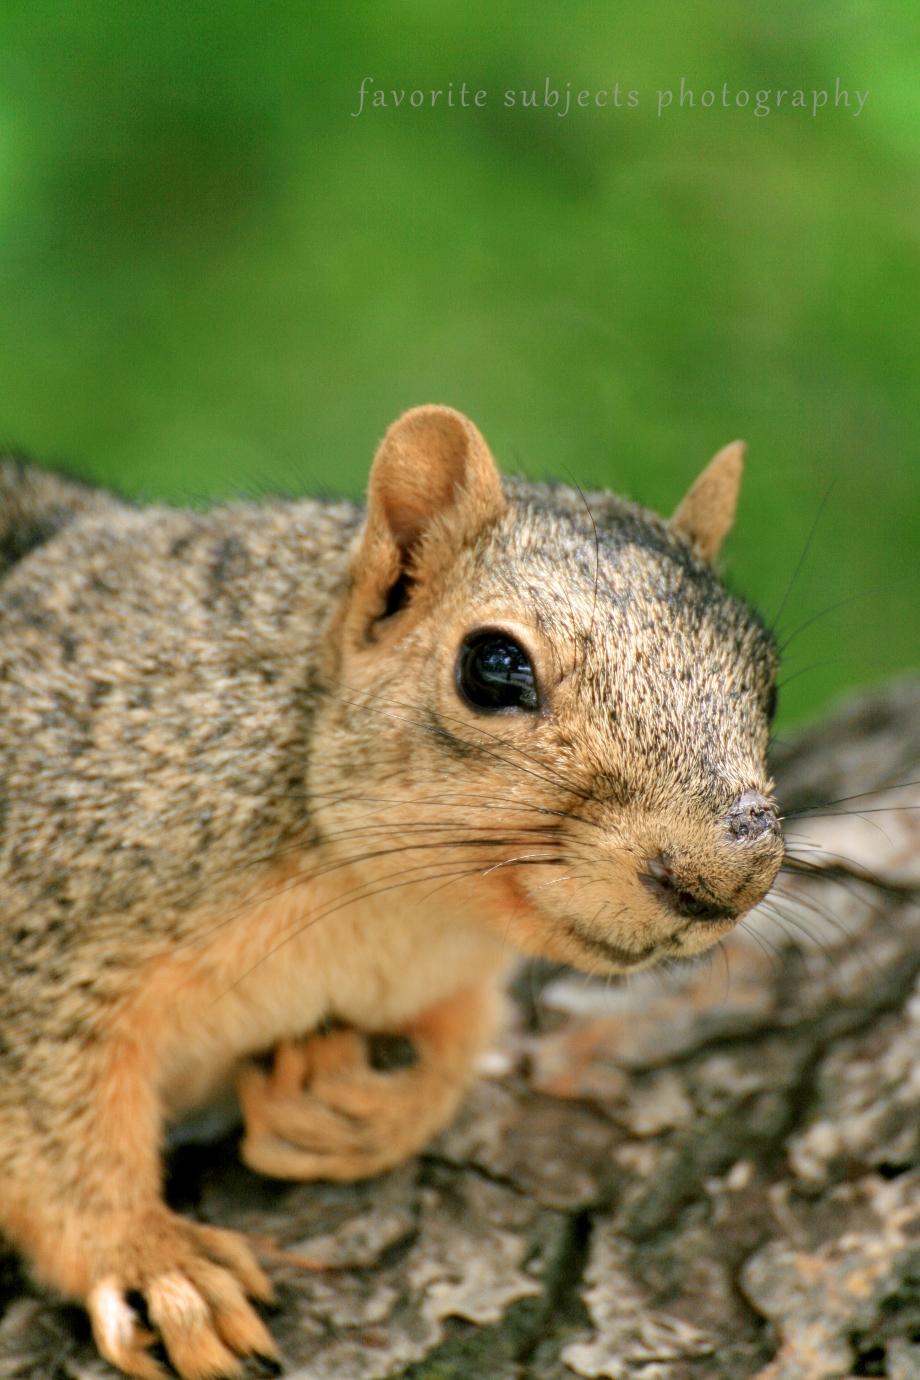 SquirrelFace